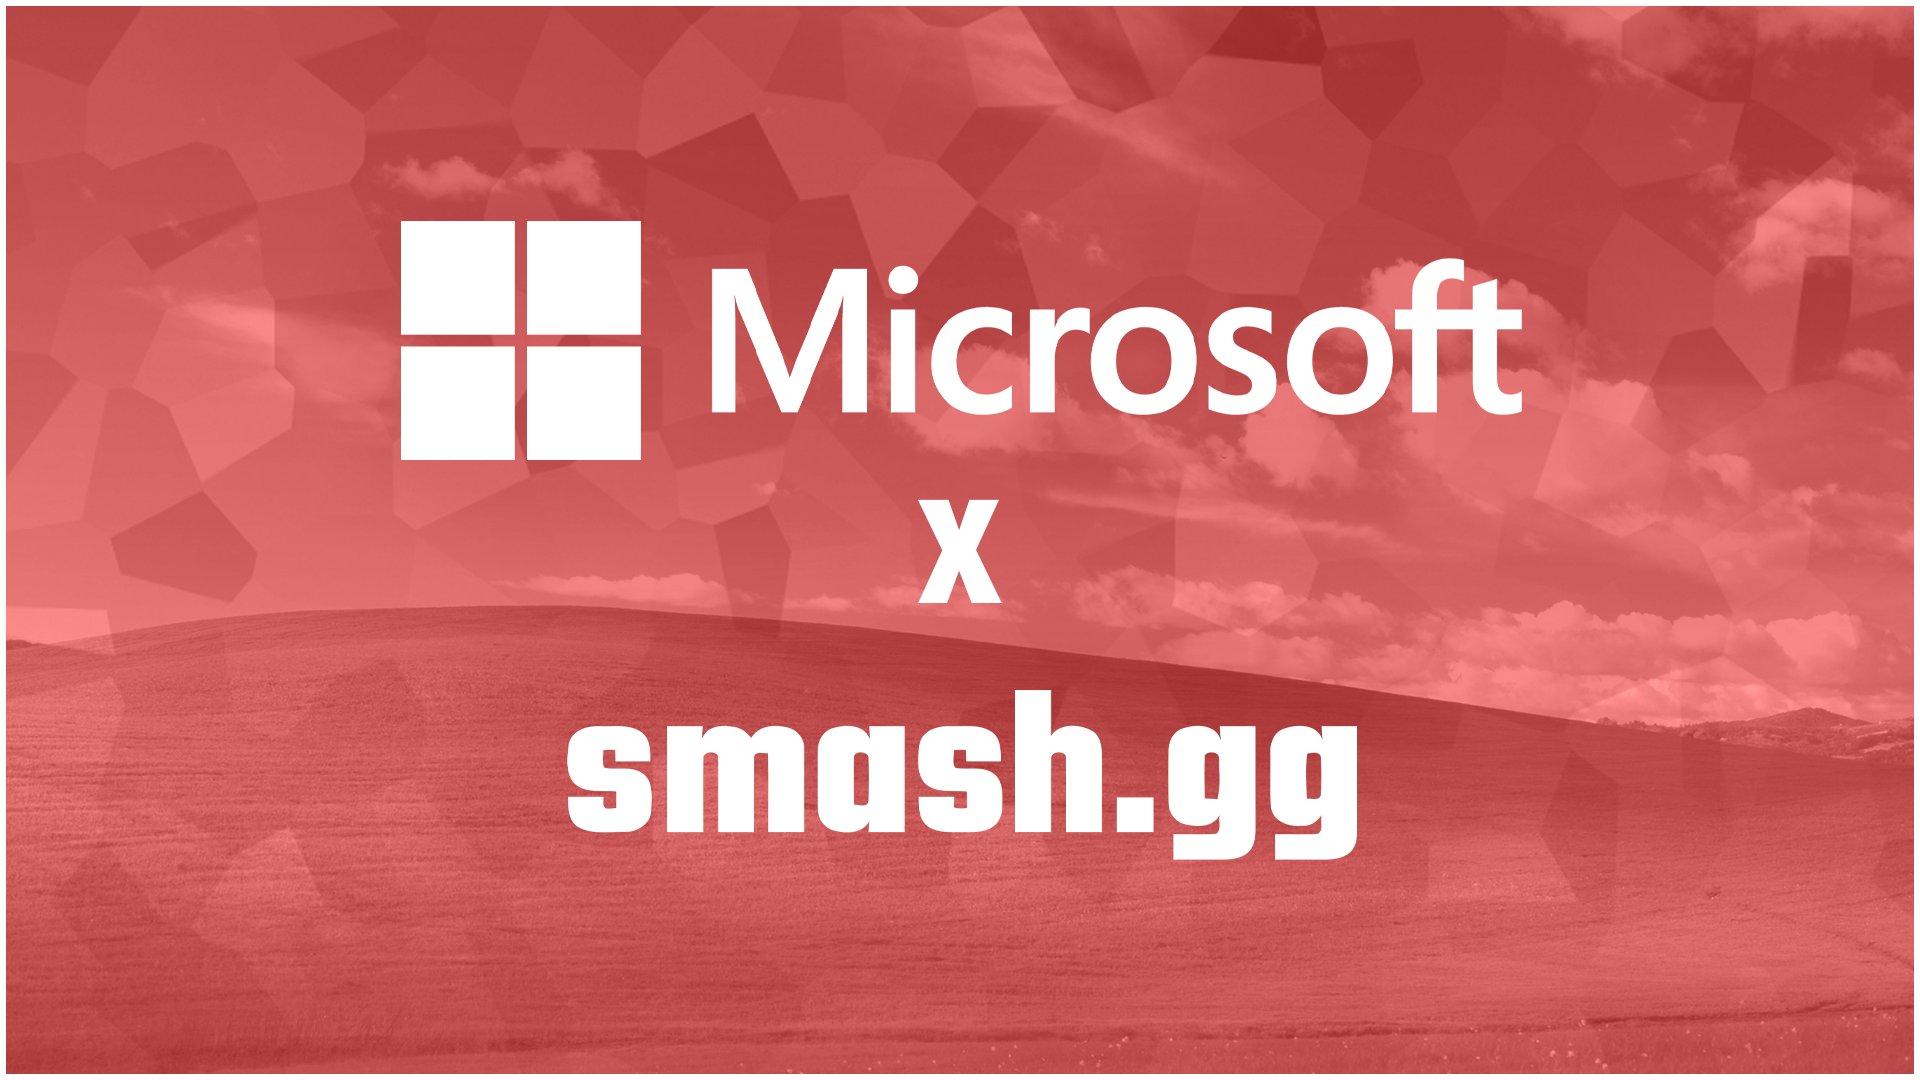 Les logos Microsoft et smash.gg sur fond rouge